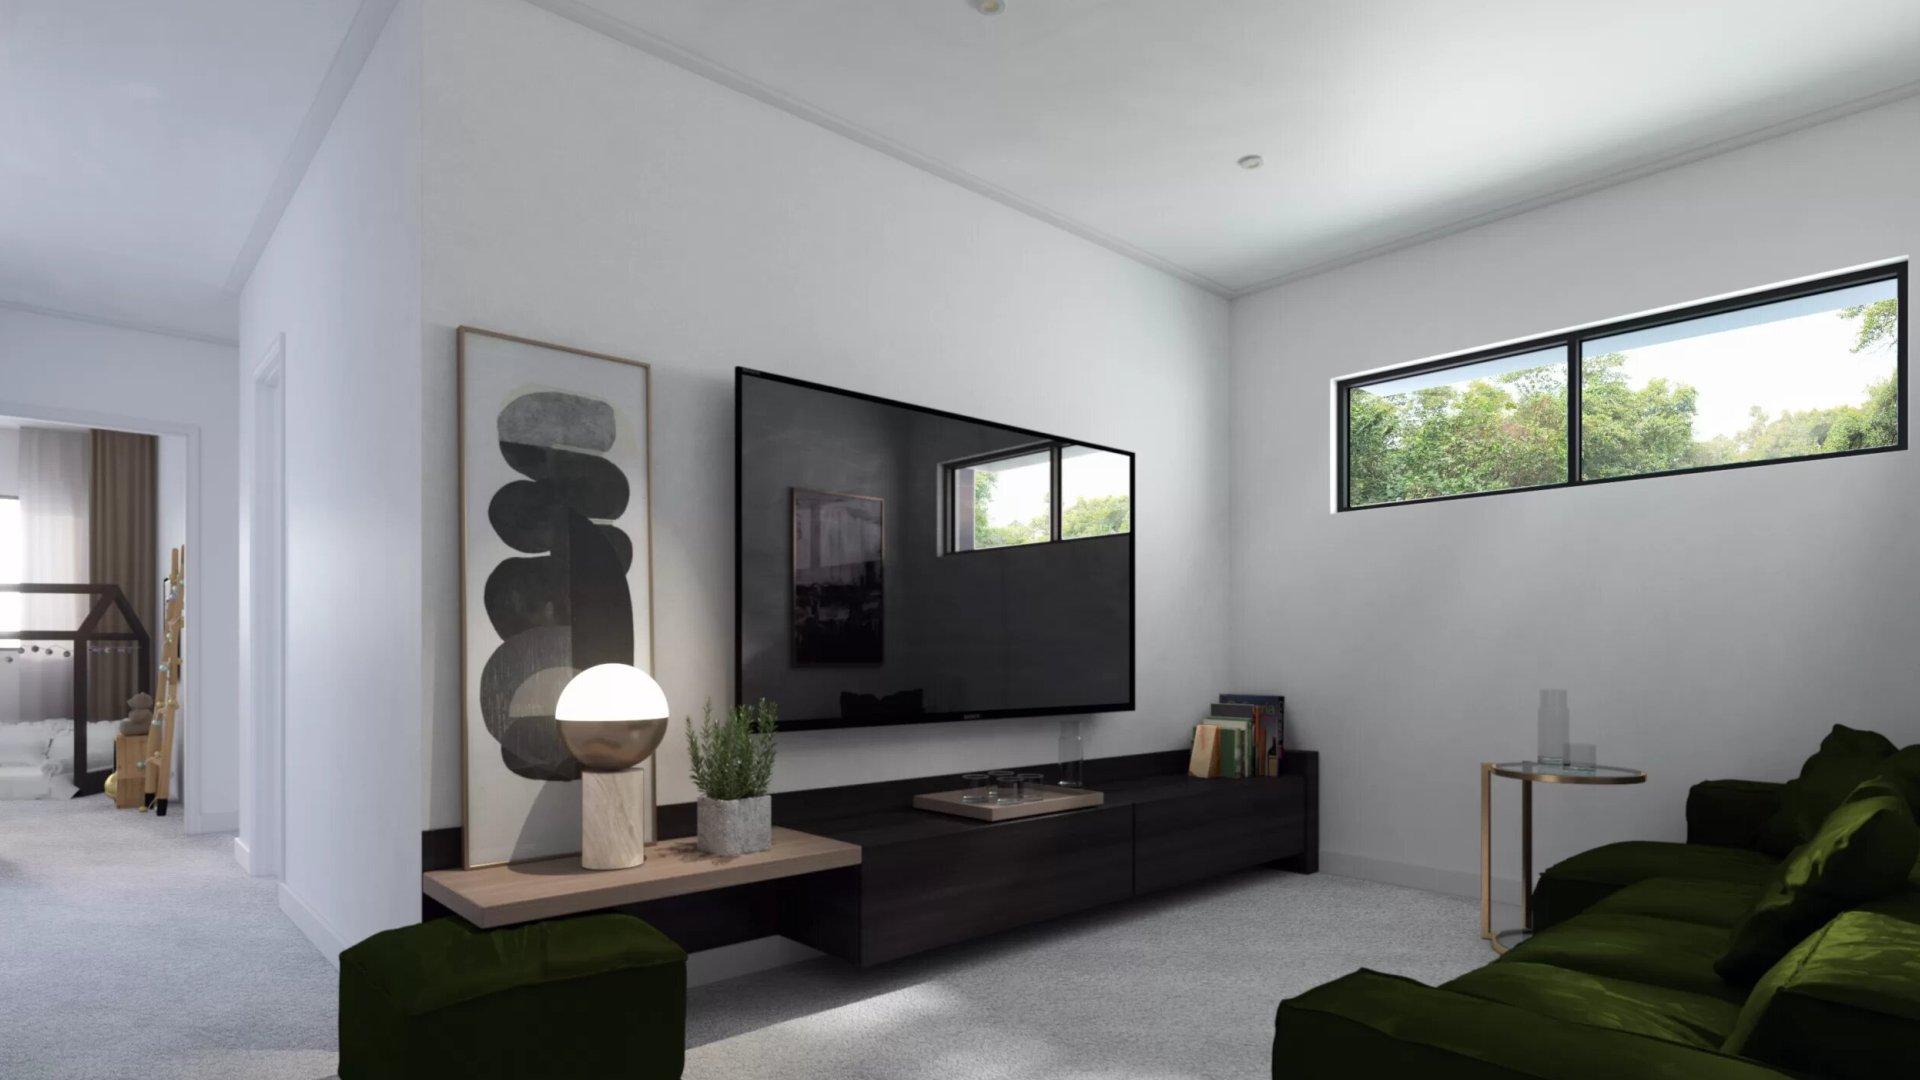 Adosado en venta en Dubai, EAU, 3 dormitorios, 187 m2, № 24437 – foto 1